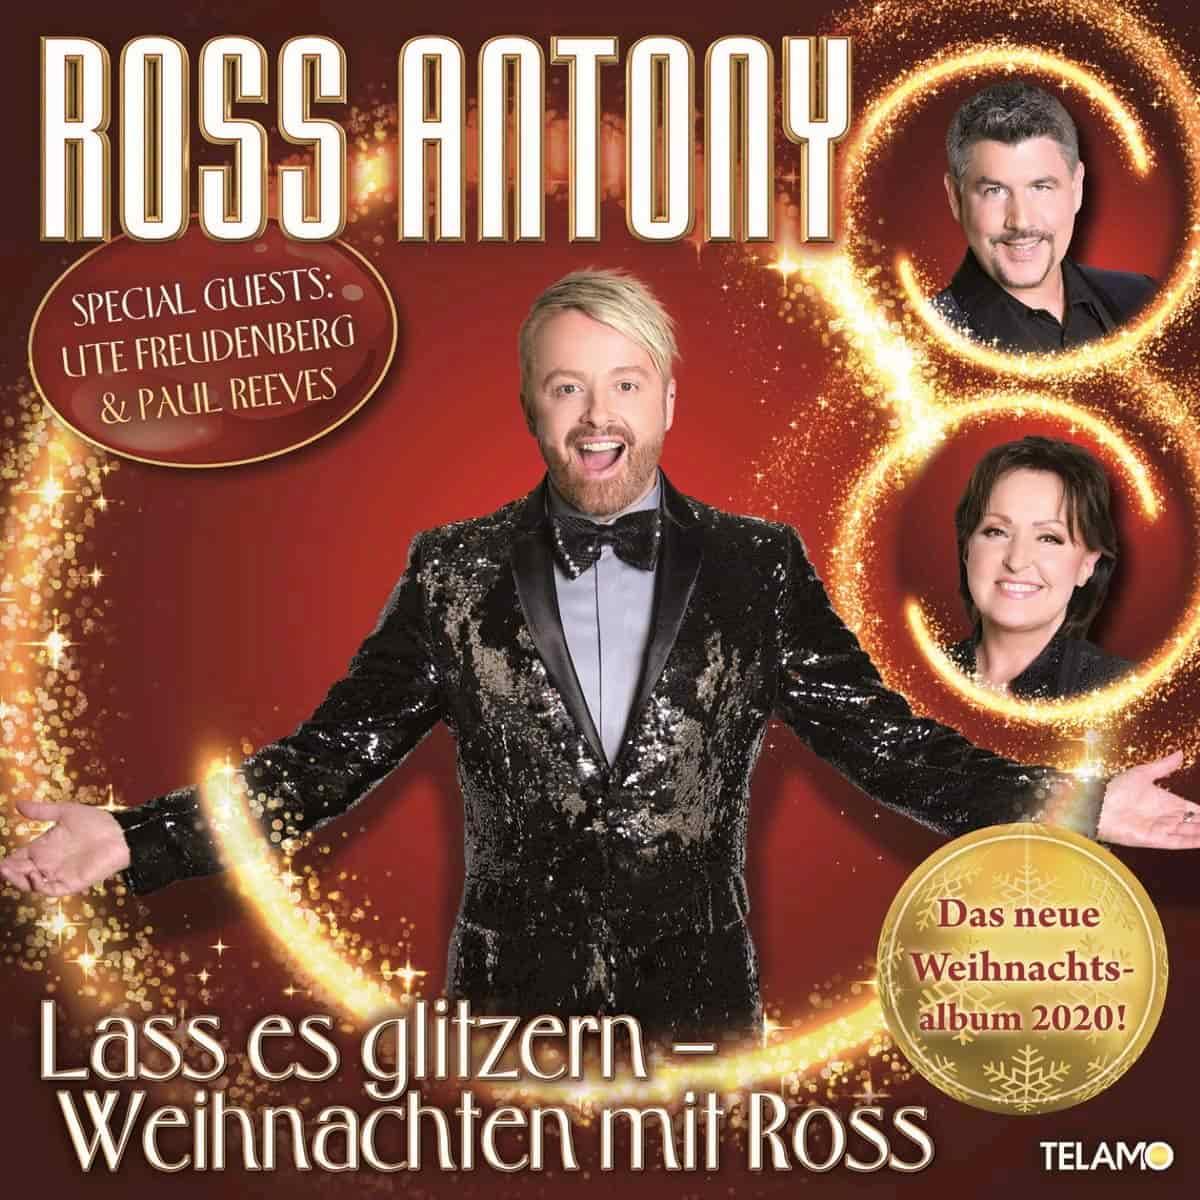 Ross Antony CD, Lass es glitzern - Weihnachten mit Ross